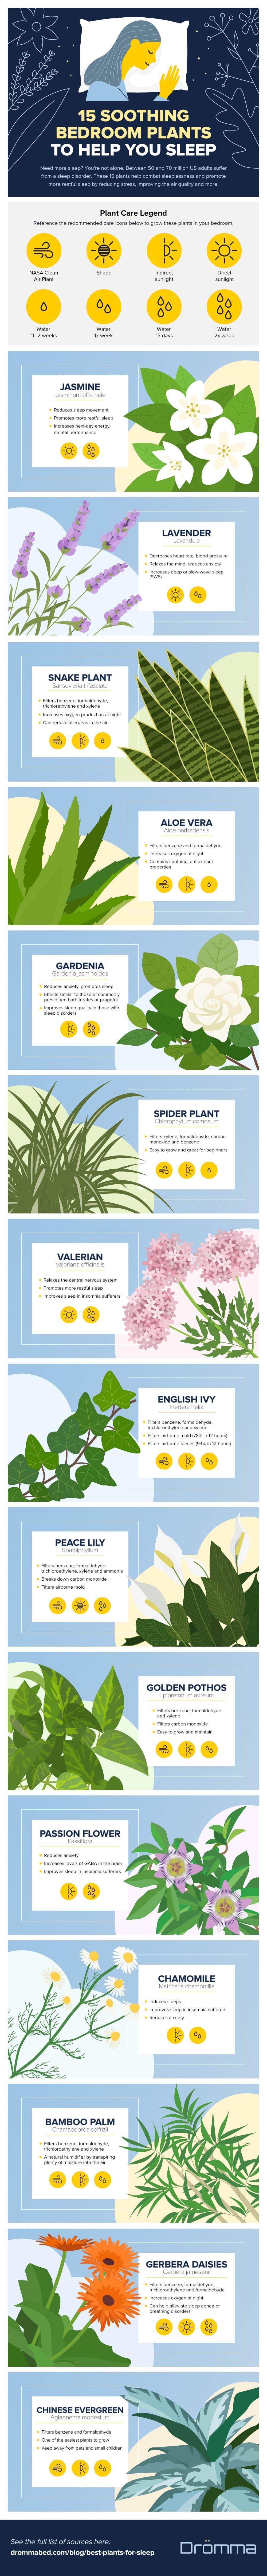 indoor plants that help you sleep better